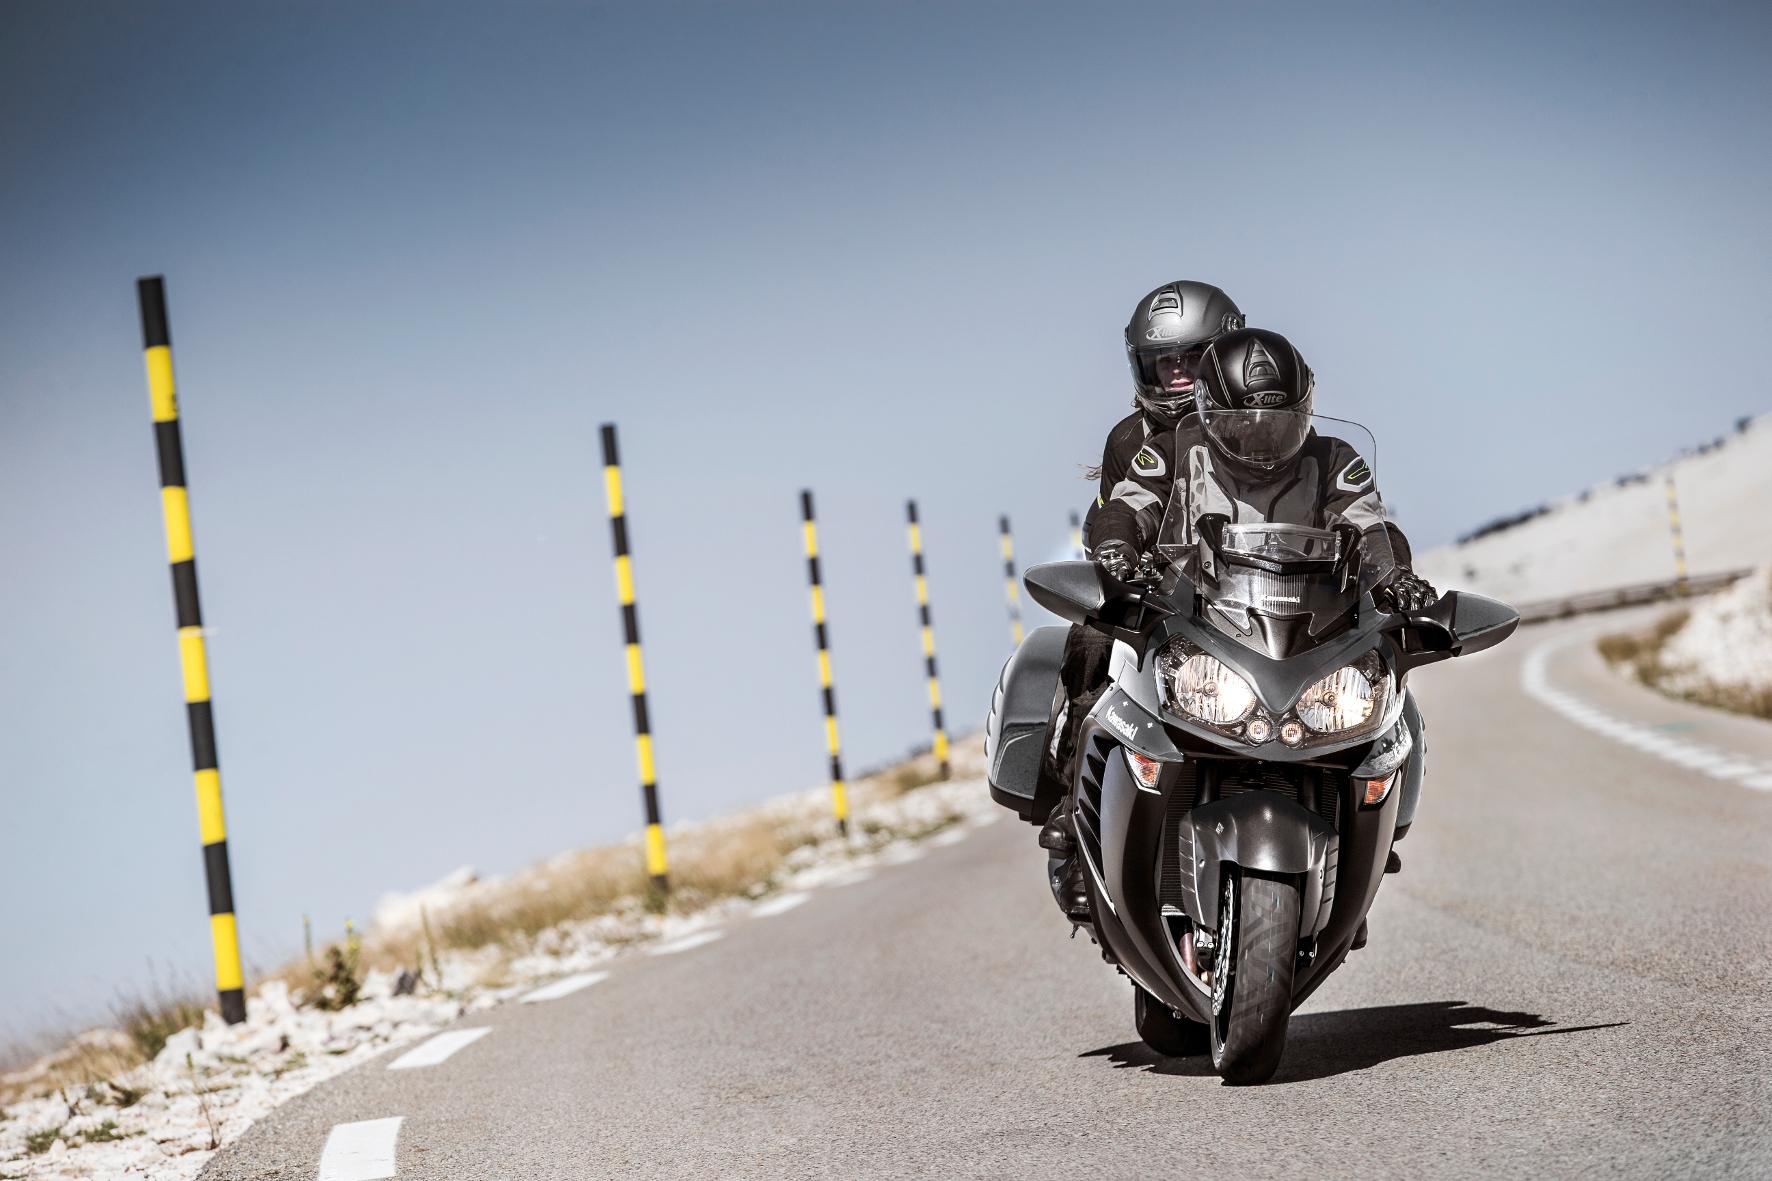 mid Groß-Gerau - Mächtiger Tourer für die große Ausfahrt: die Kawasaki 1400 GTR.